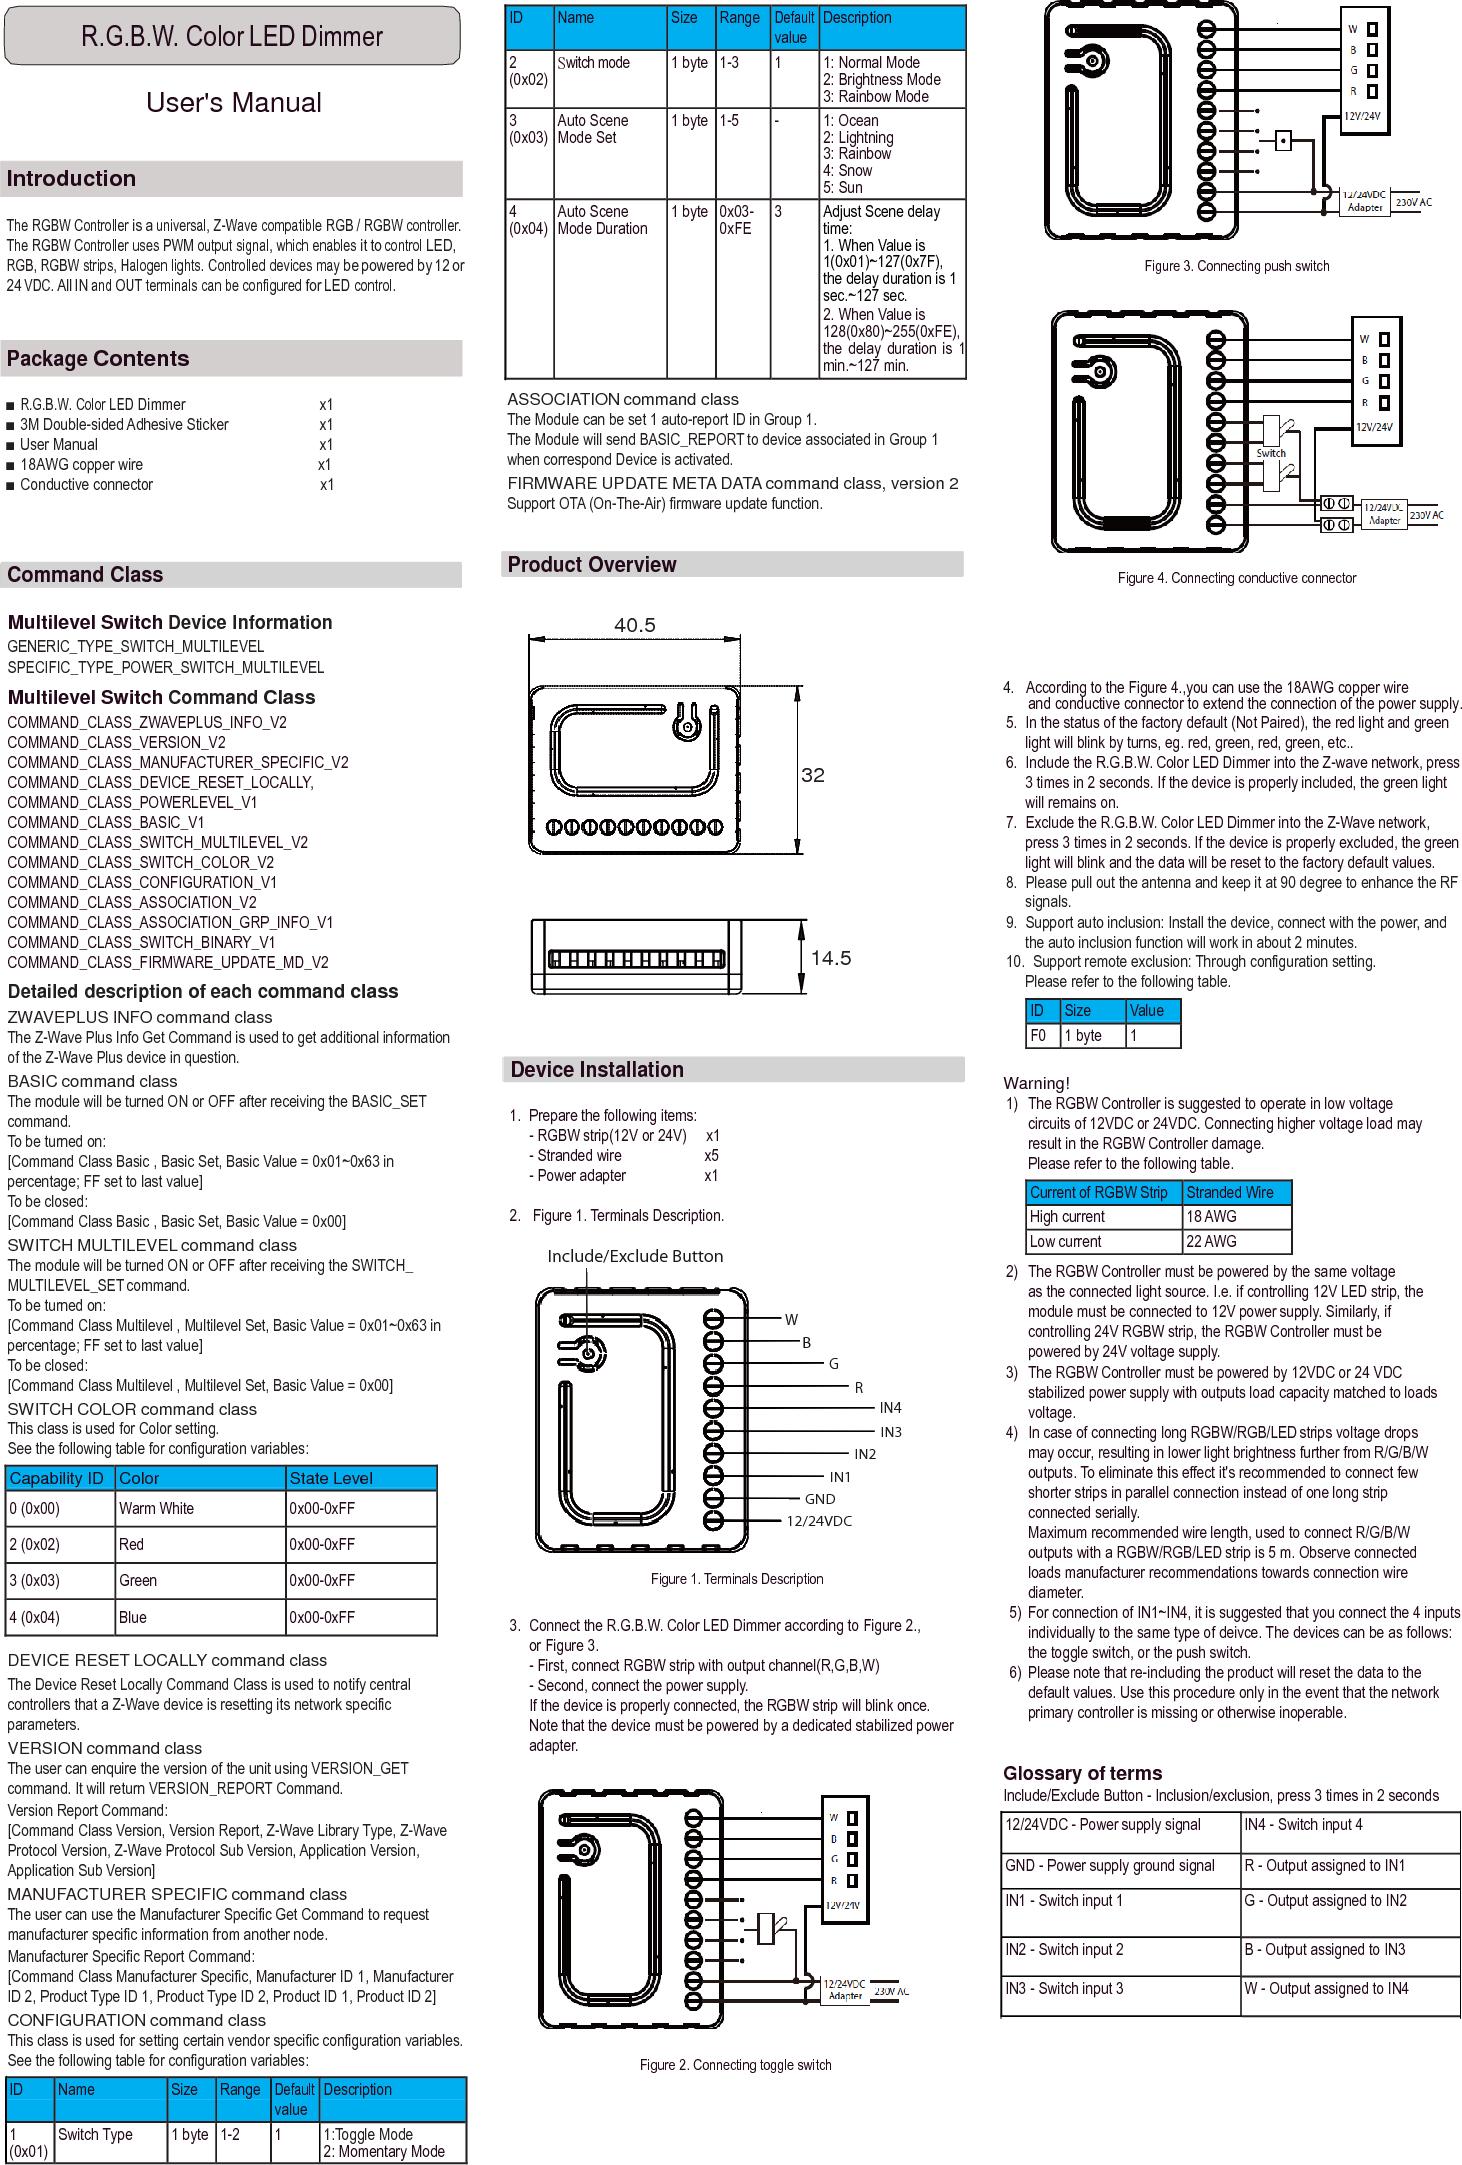 Good Way Technology Td14000z1 Rgbw Color Led Dimmer User Manual 3 Navigation Switch Td14010z1 V4 0